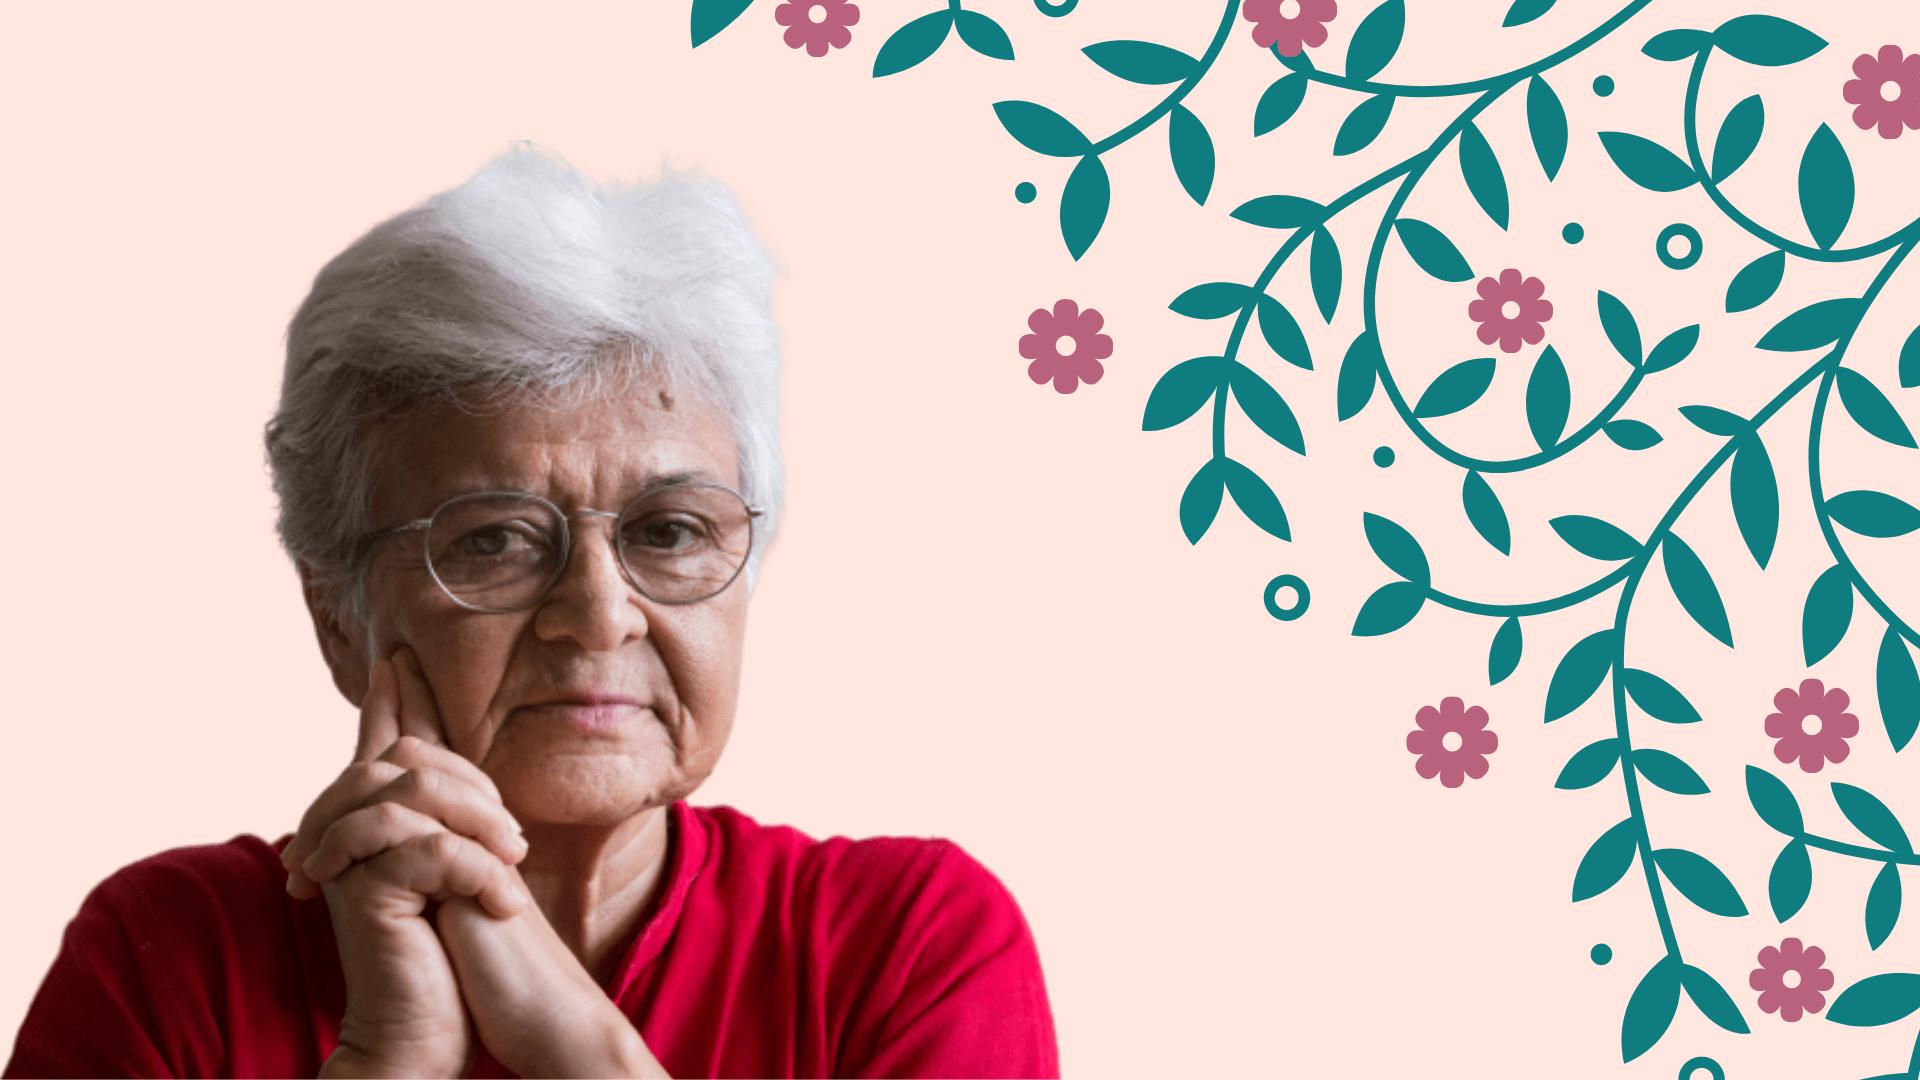 पढ़ें, नारीवादी कार्यकर्ता कमला भसीन के 6 ऐसे कोट्स जो बताते हैं नारीवाद क्यों ज़रूरी है